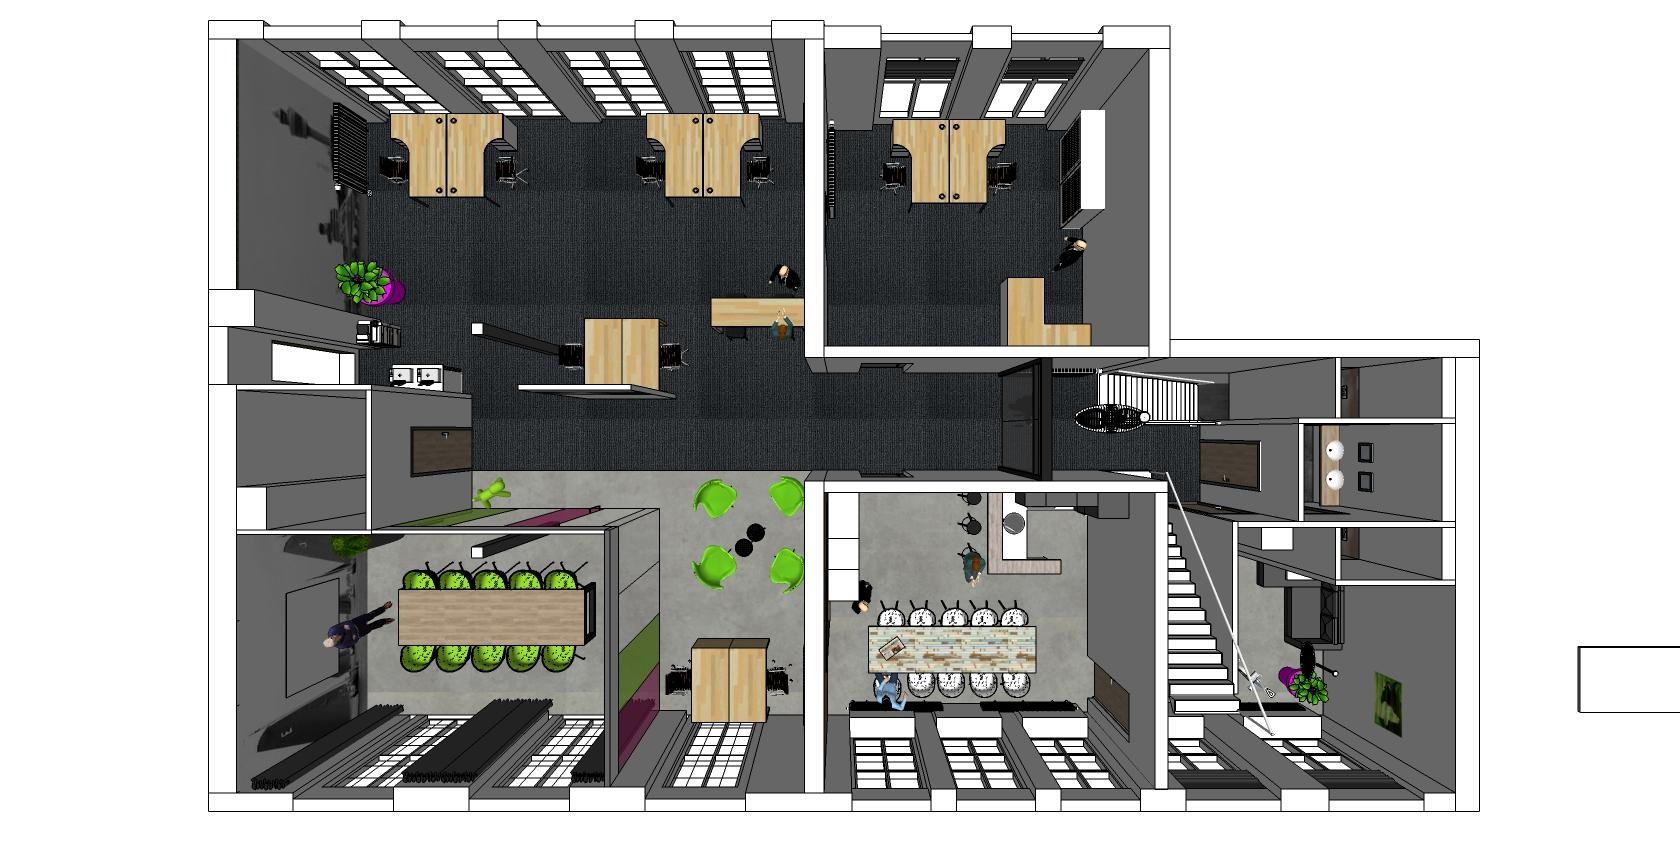 offiz-hoomz-zeist-interieurontwerp-kantoorpand-leeuwarden-kantoorinrichting-kleuradvies-verlichtingsadvies-visualisaties-globallycool-view3